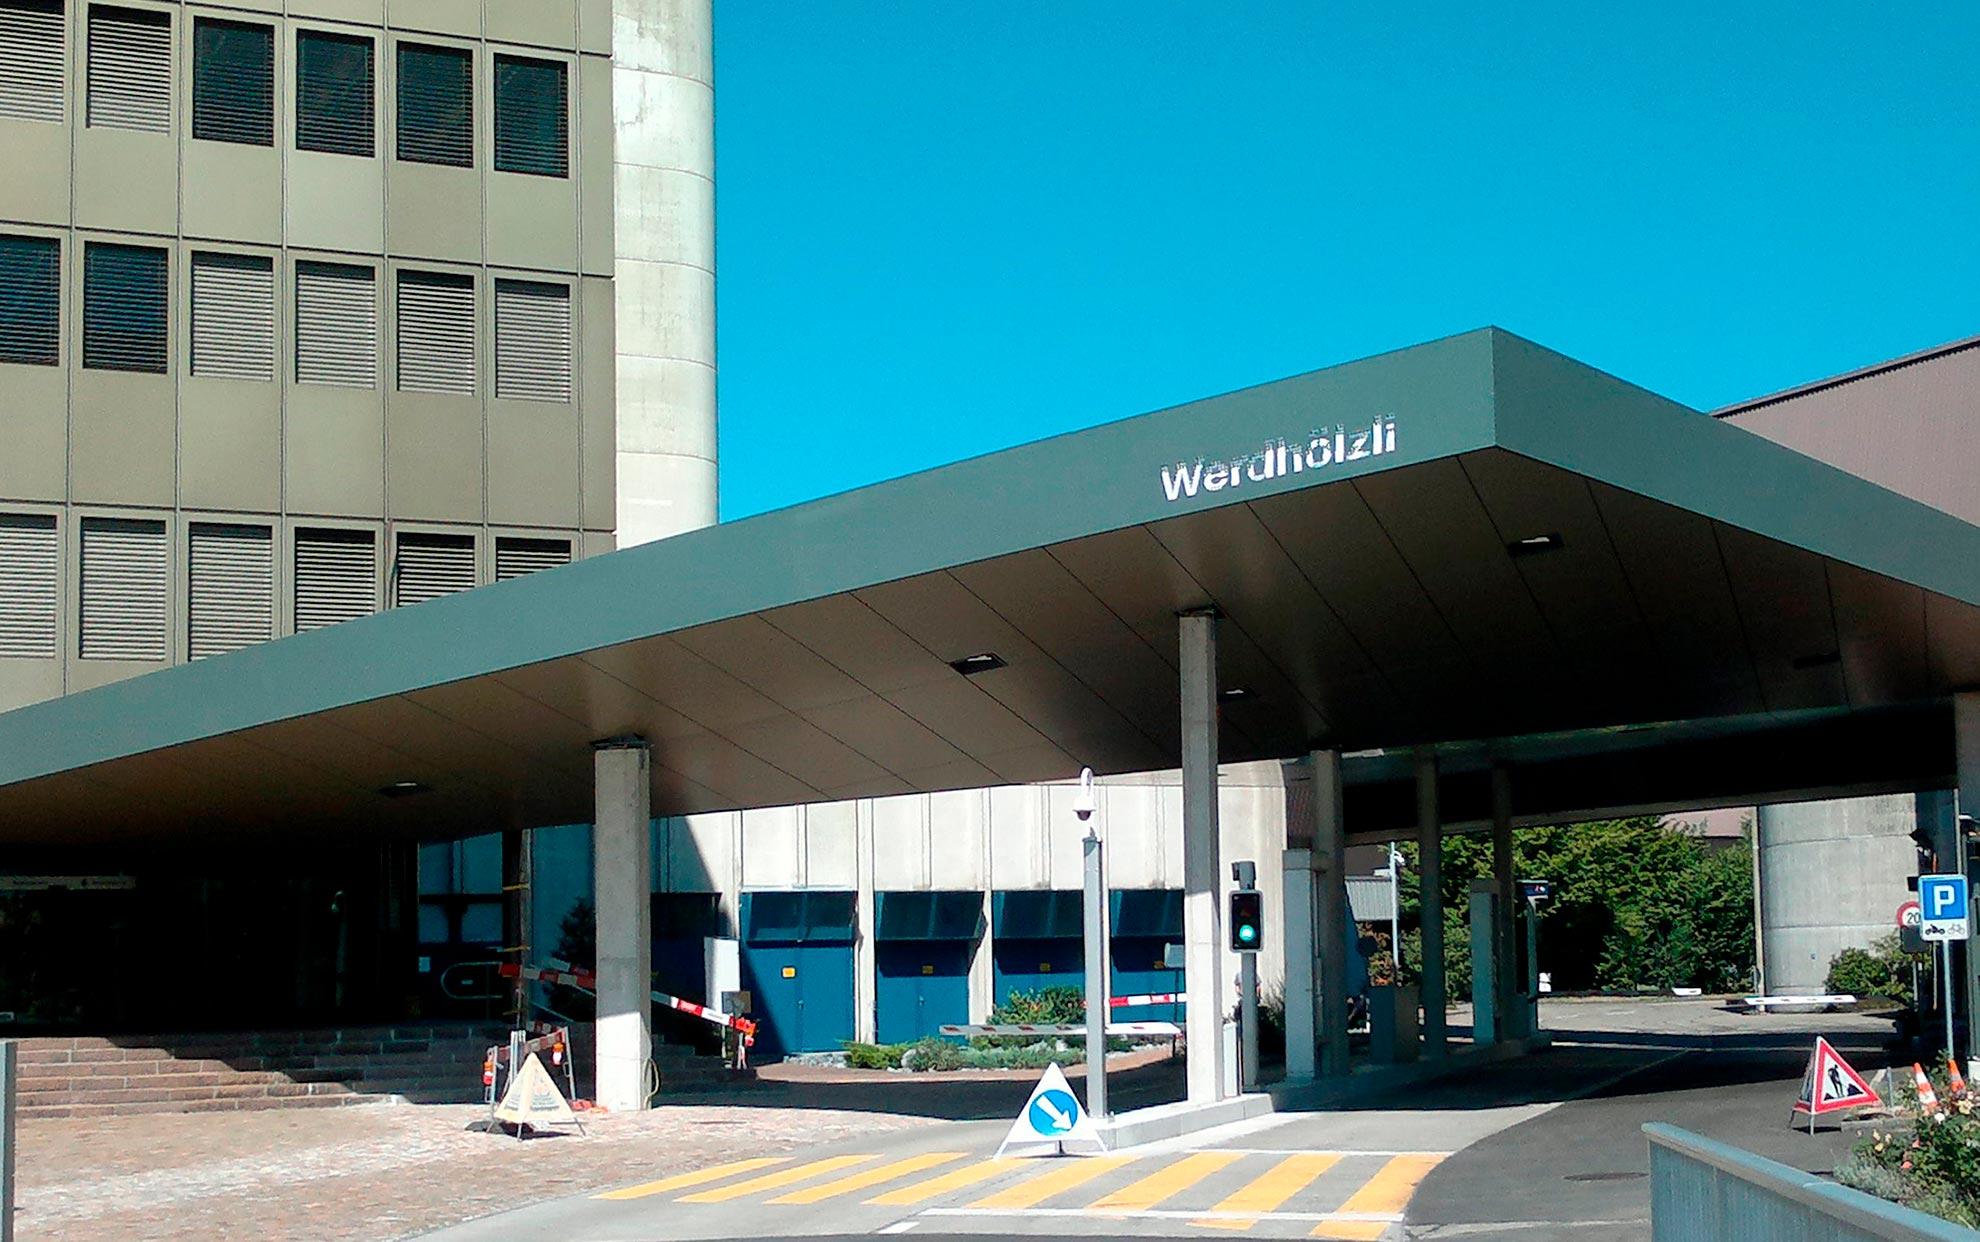 Edificio-ERZ-Werdhzli.-Zurich-Suiza.-Larcore-14mm-PVdF-bronze-metallic-01--2_1591103215.jpg